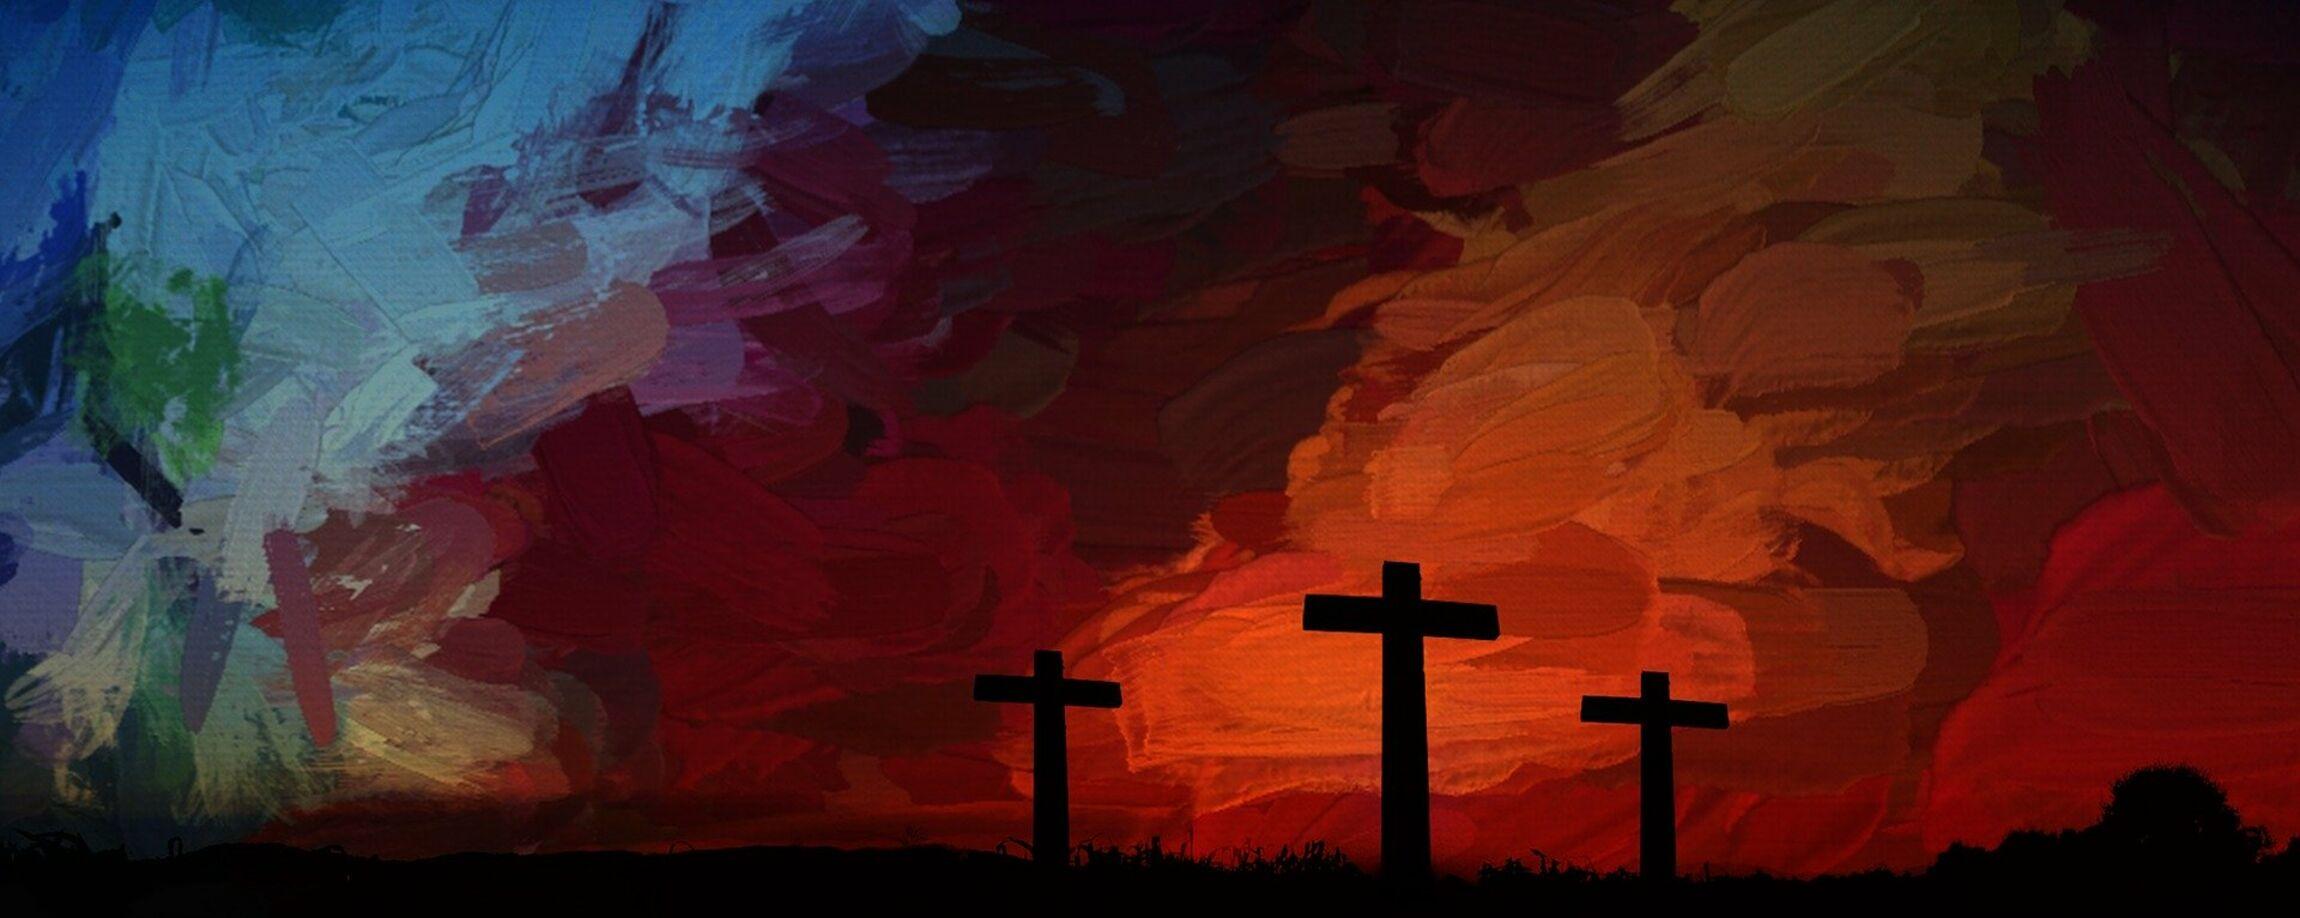 Kreuzigung -gemalt